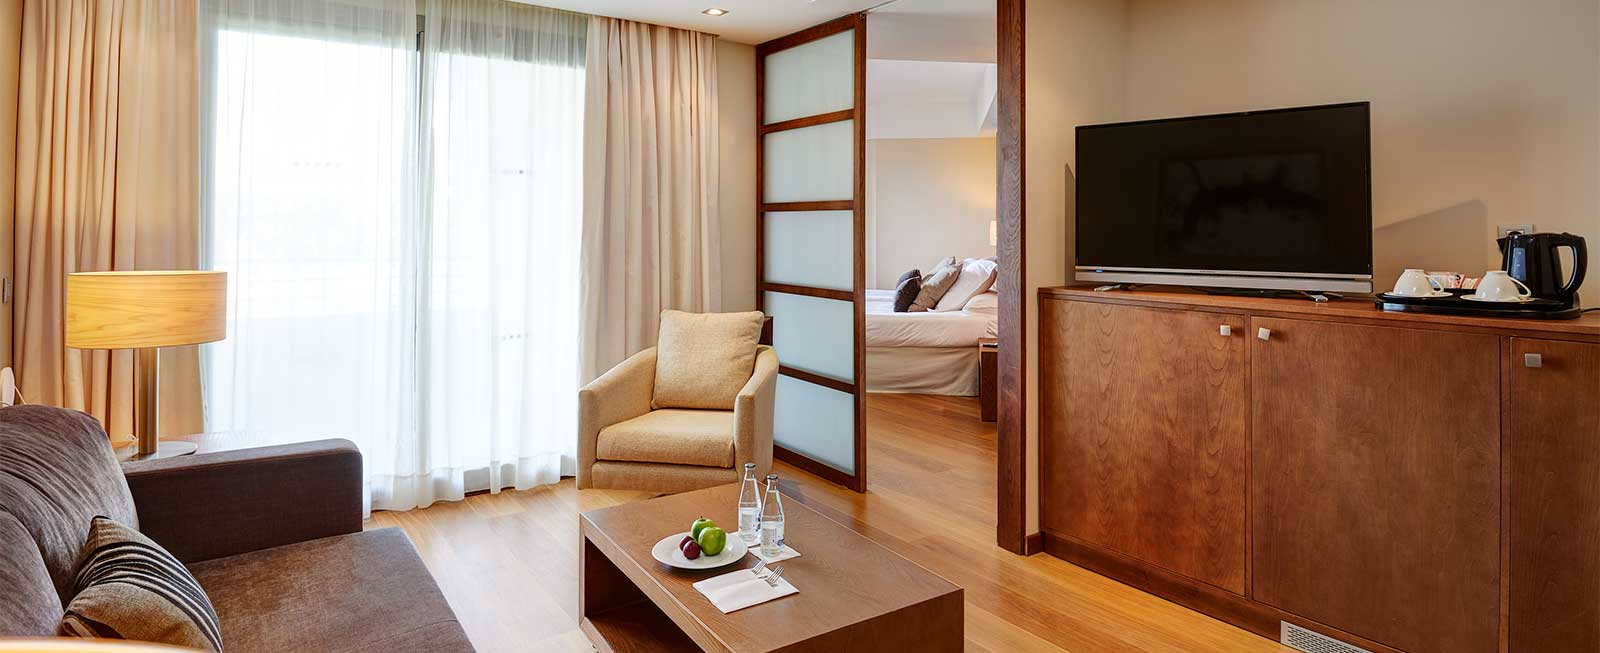 Junio Suite Premium Sa Coma